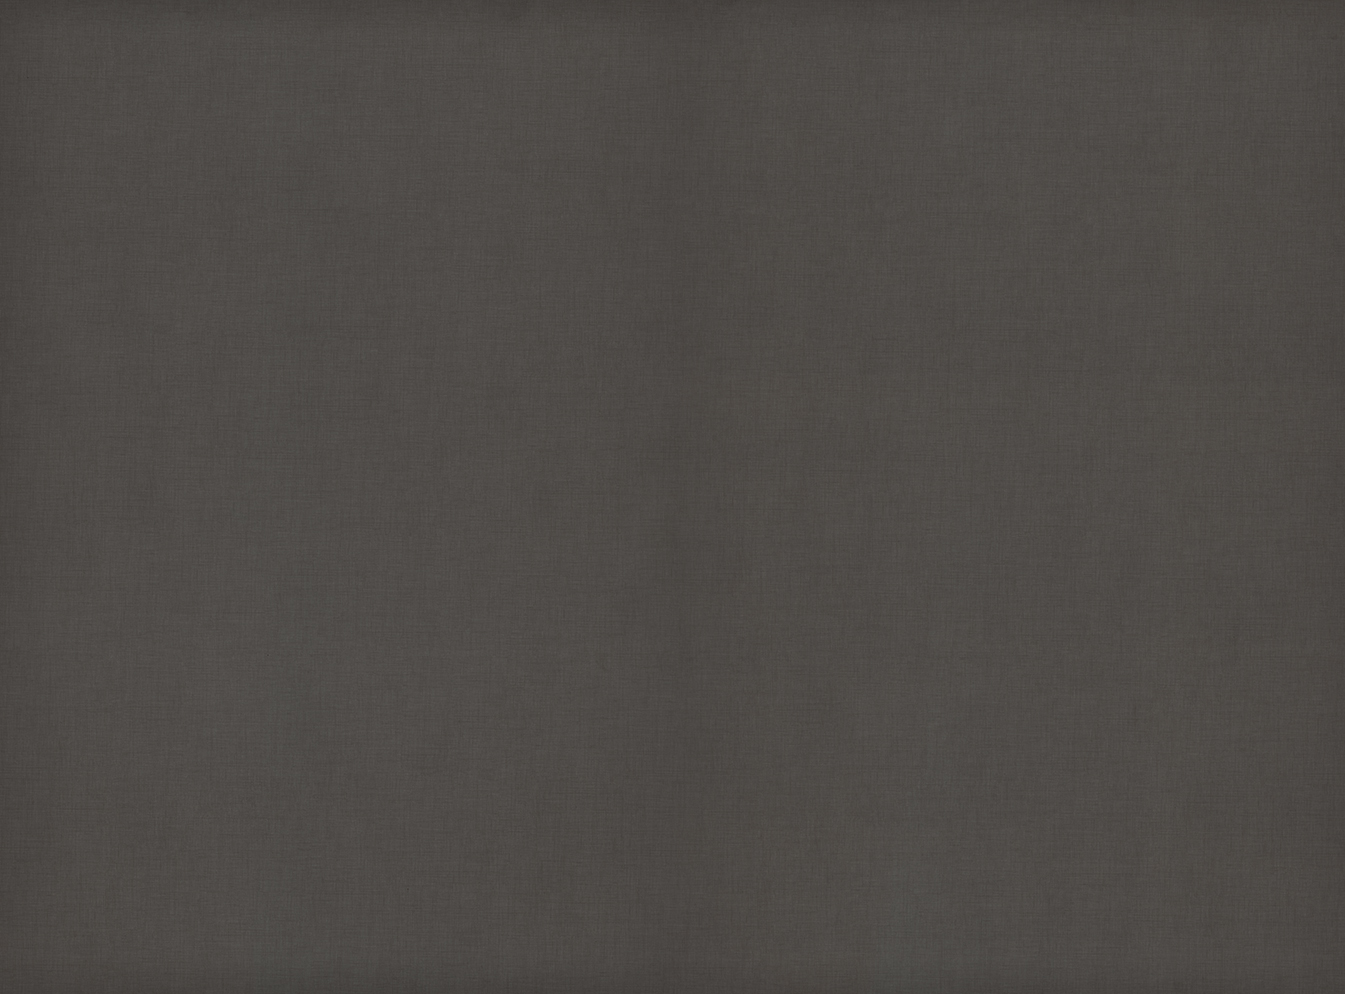 Стрічка AБC FA46 45/1 Penelope